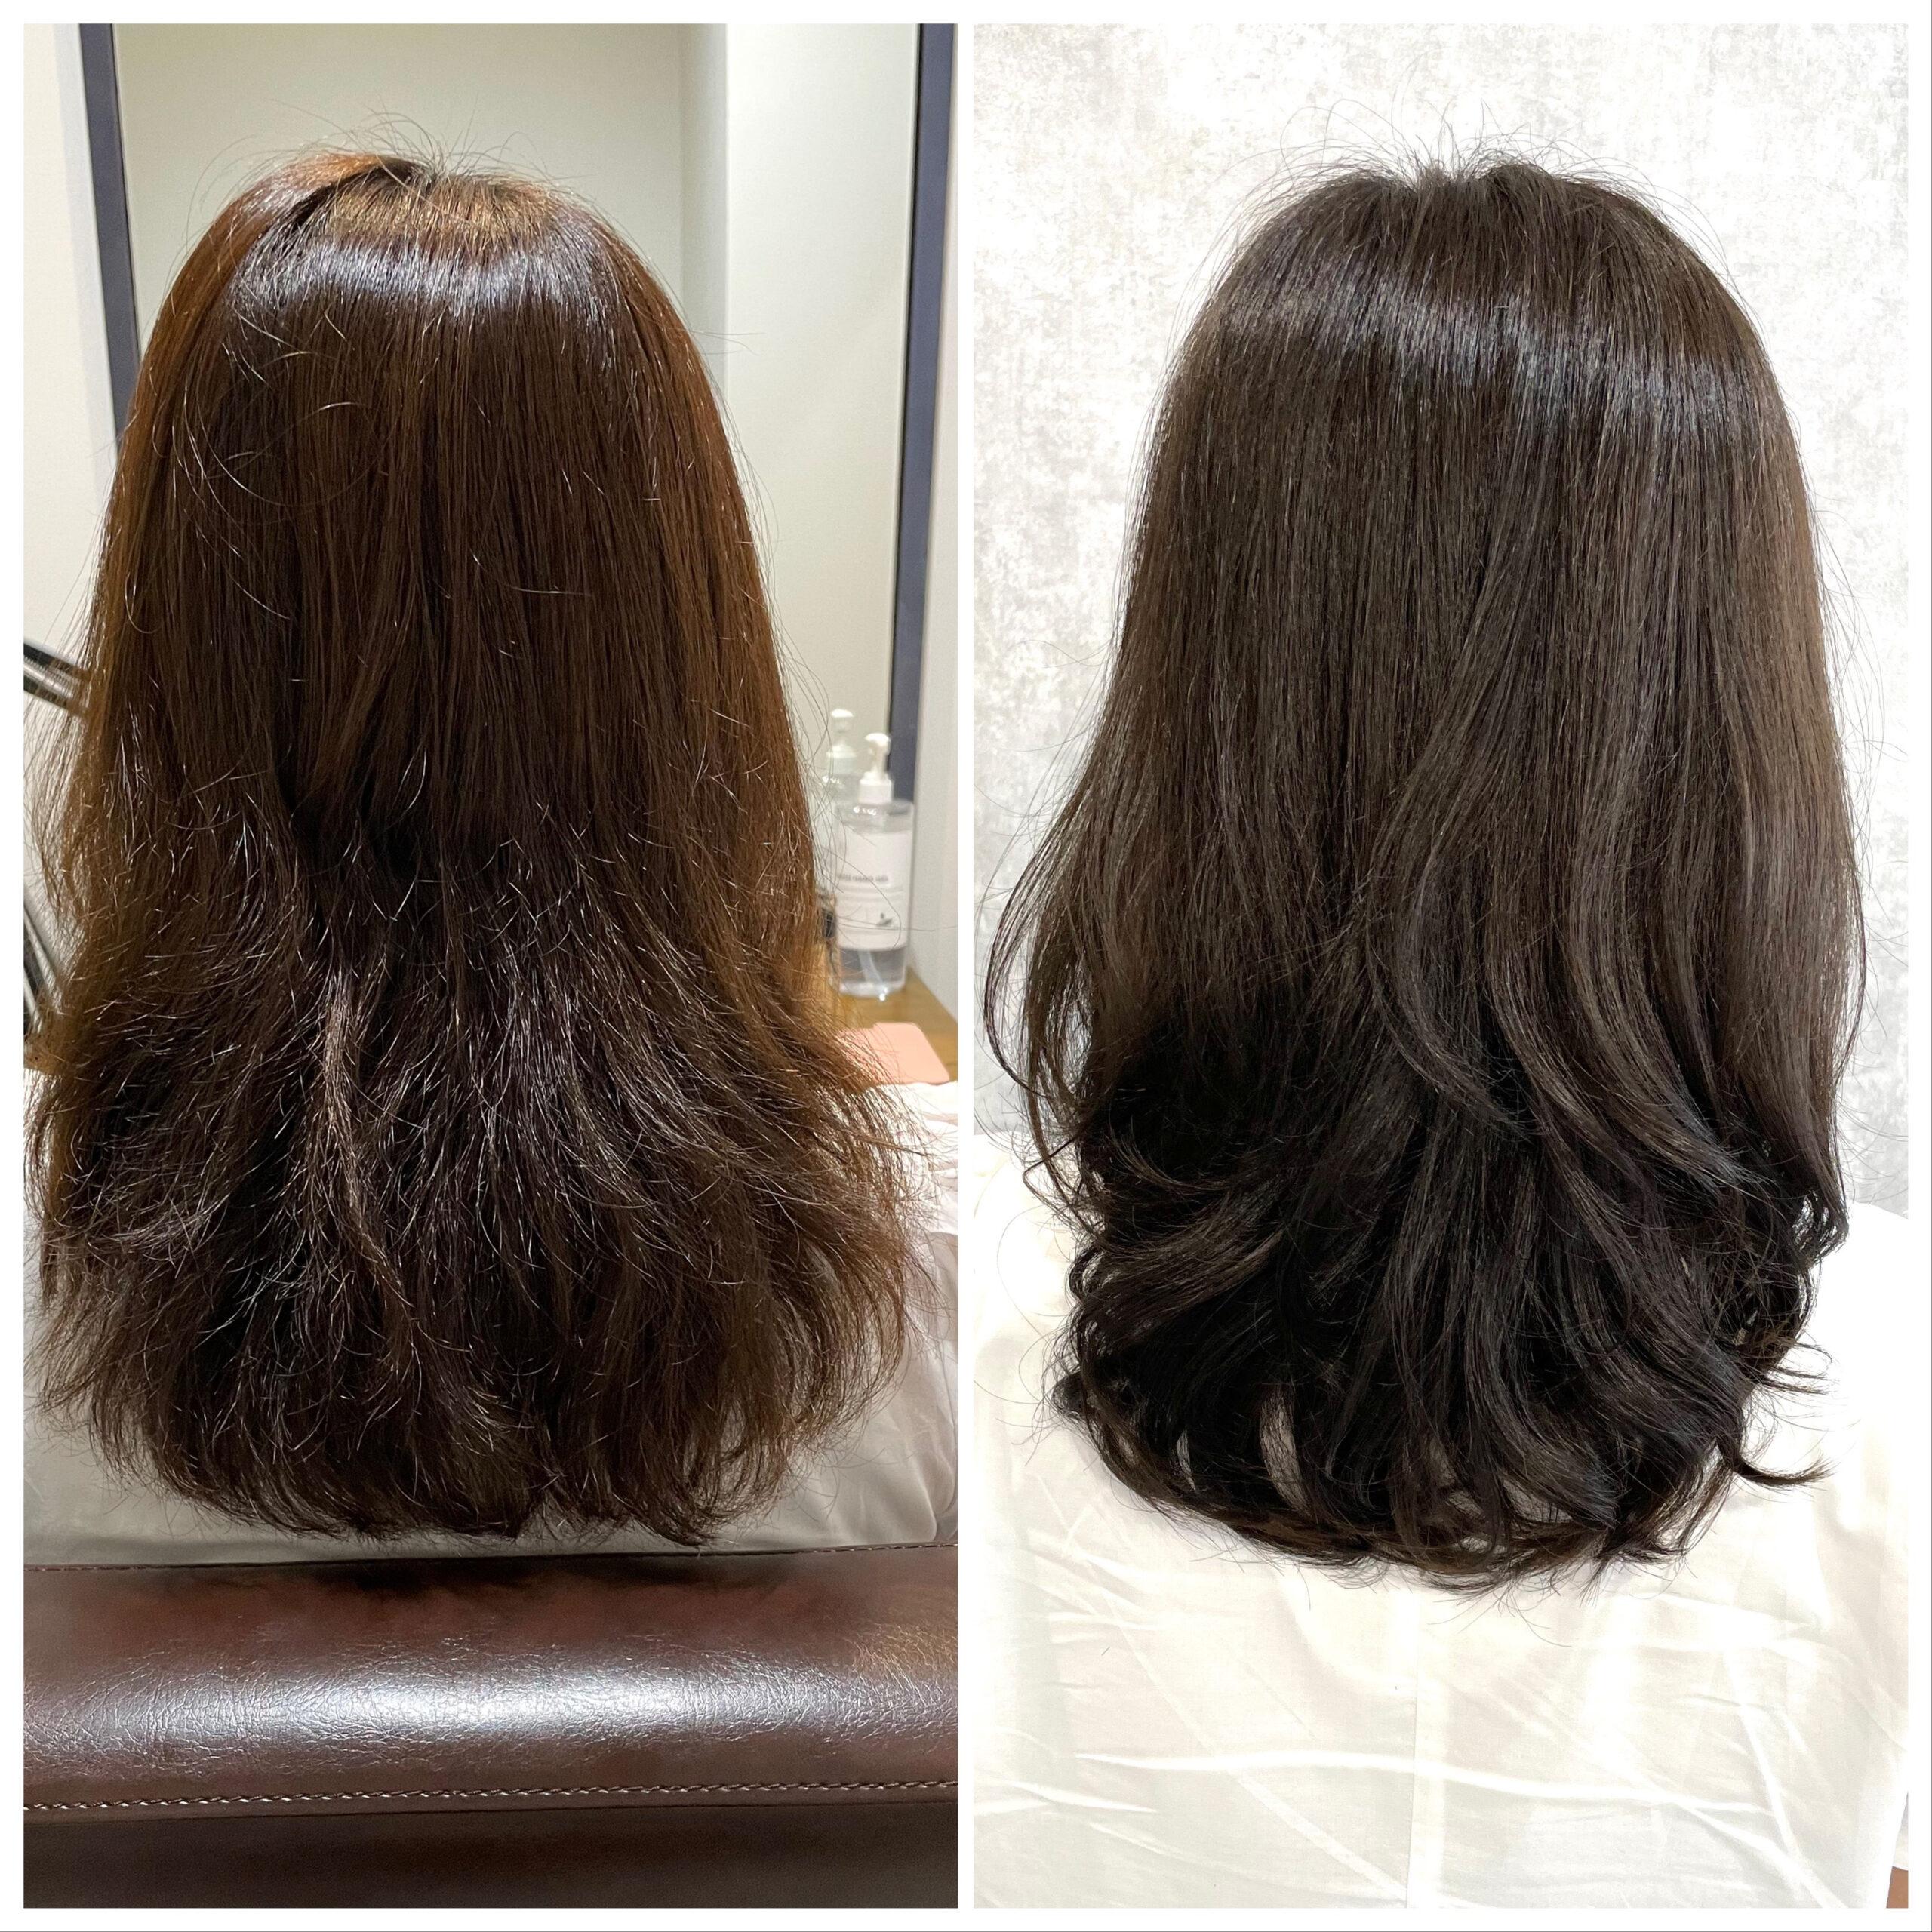 大分県別府市 髪質改善トリートメントで毛先のパサパサを解消! ビフォーアフター